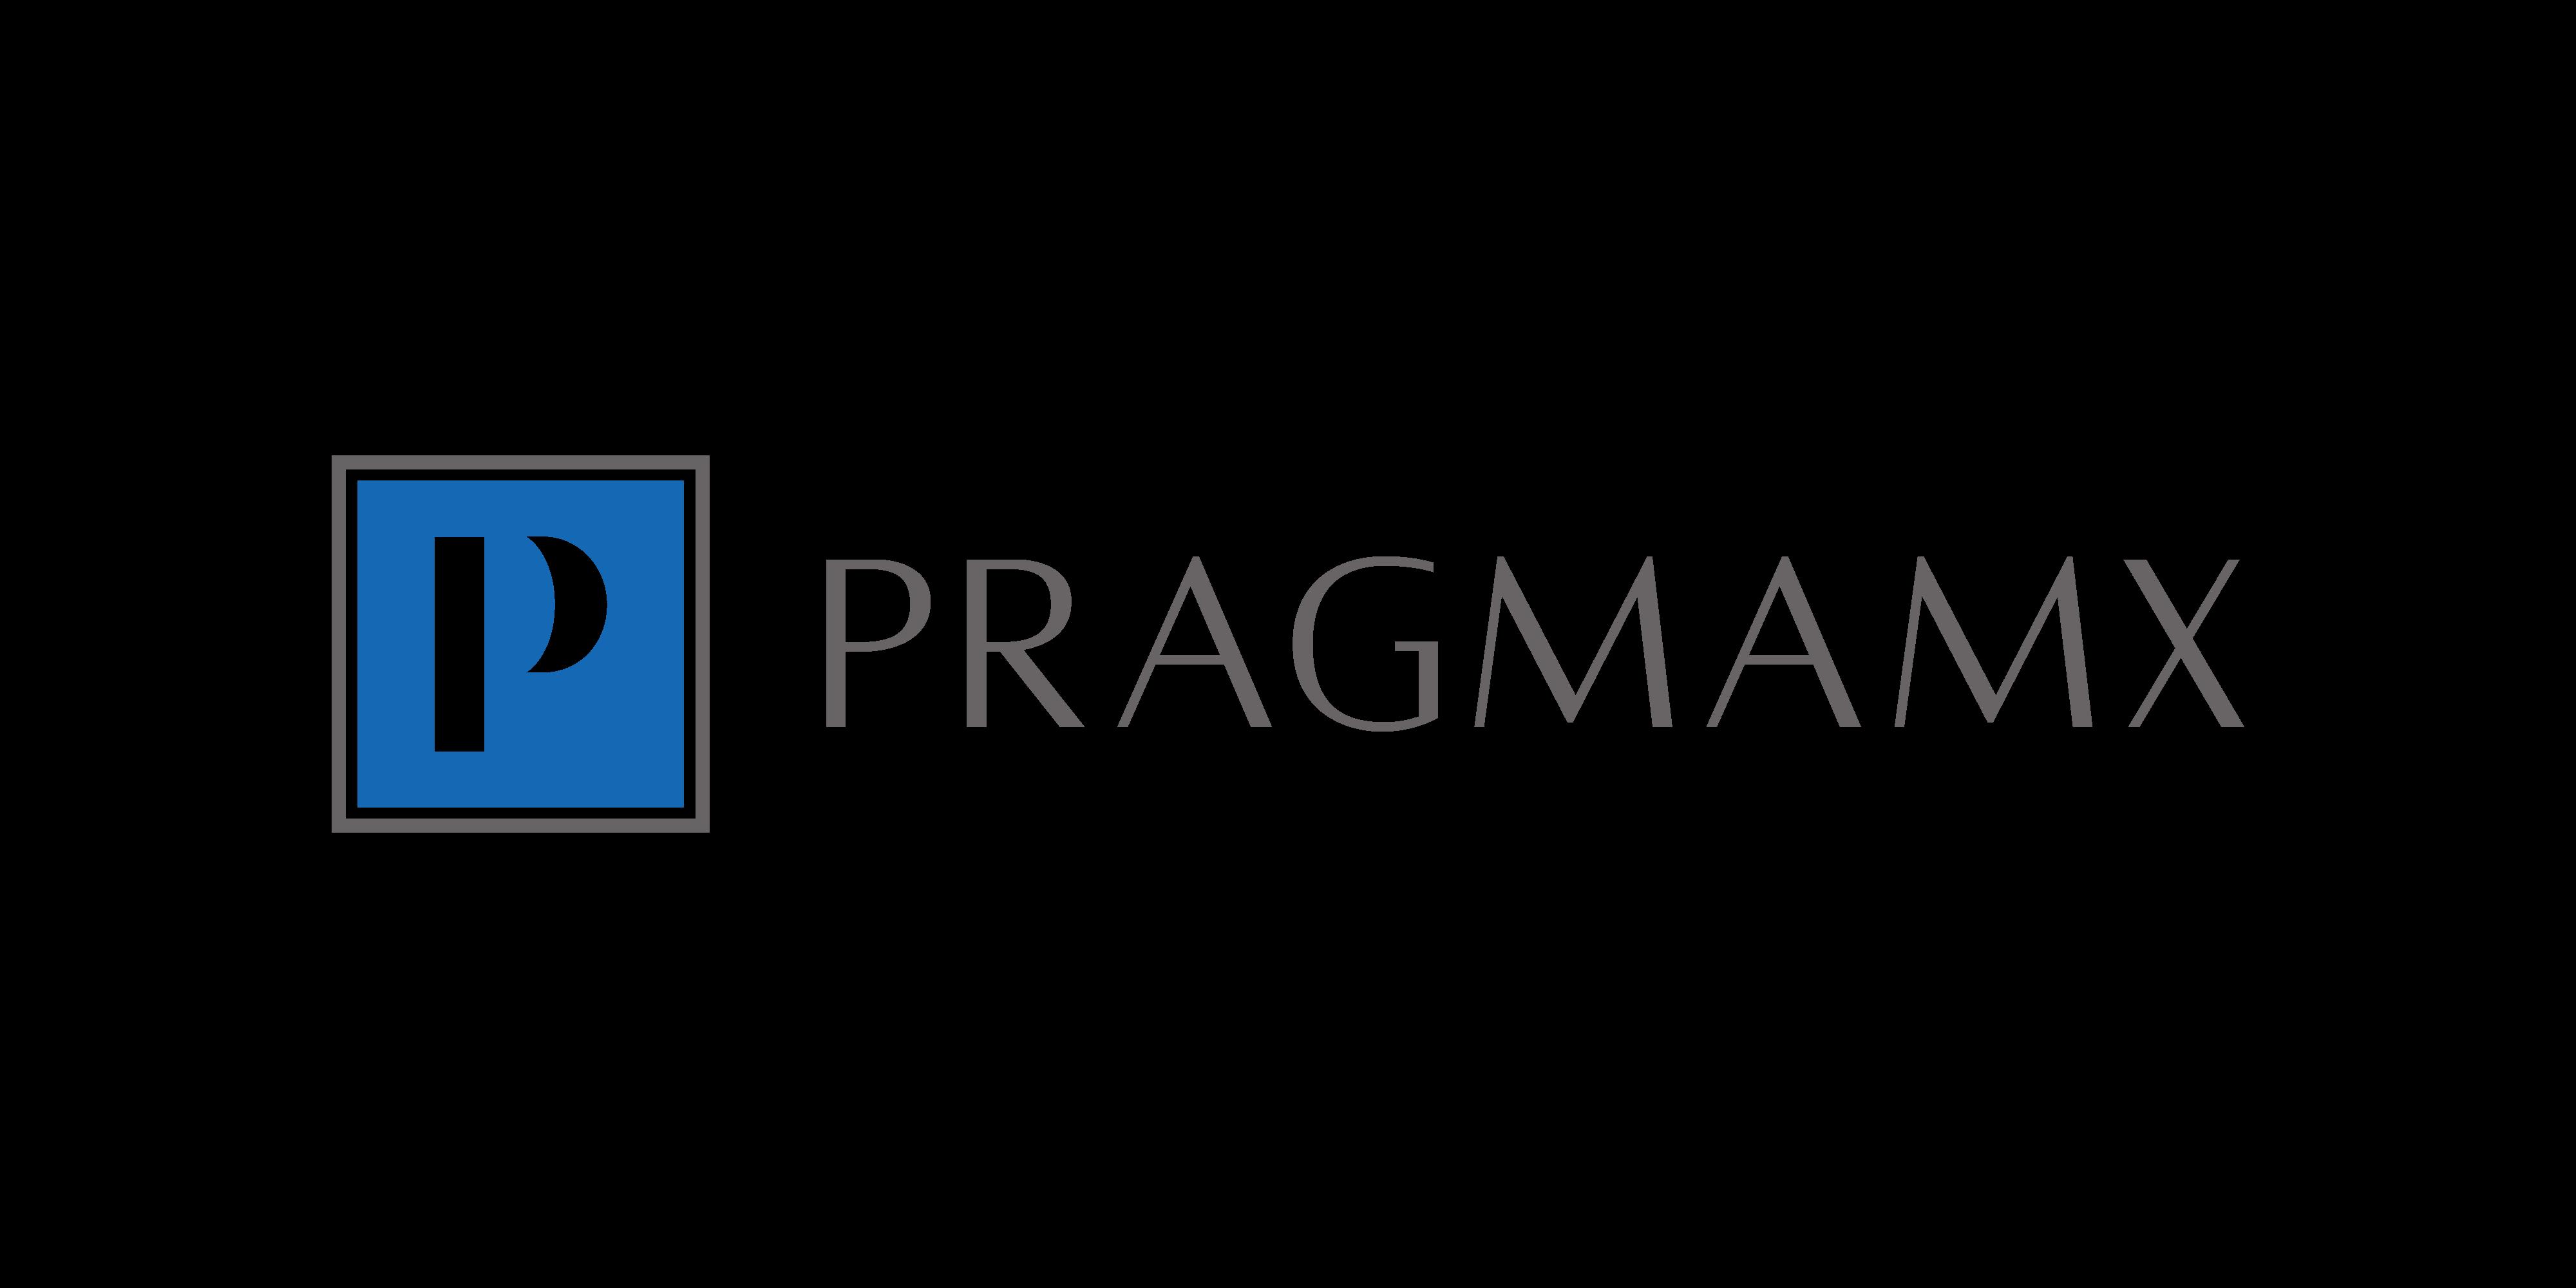 Pragmamx_logo